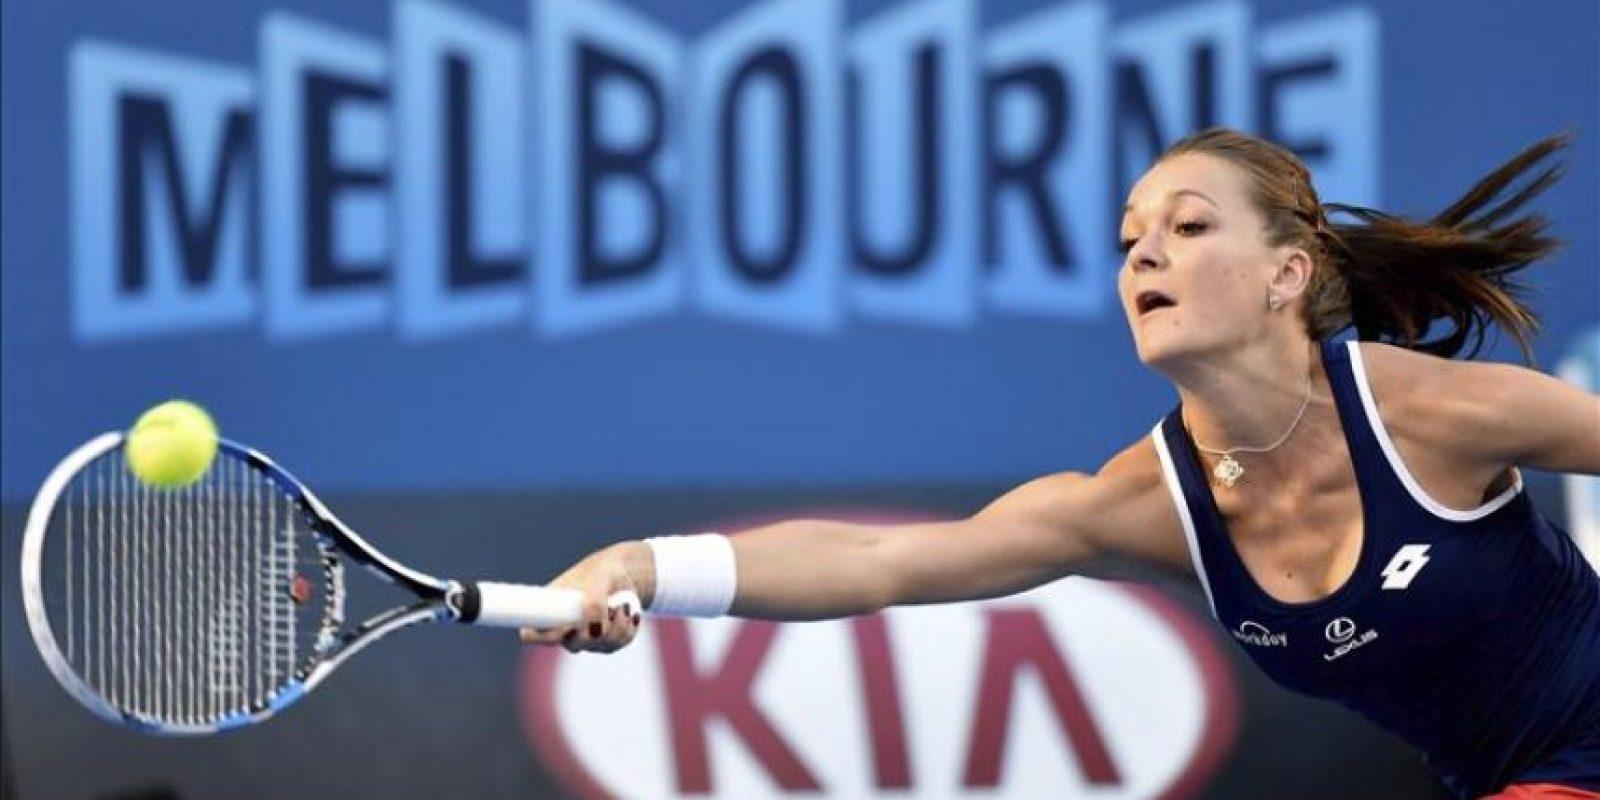 La tenista estadounidense Venus Williams devuelve la bola a la polaca Agnieszka Radwanska durante su partido de octavos de final del Abierto de Australia de tenis en Melbourne (Australia) hoy, lunes 26 de enero de 2015. EFE